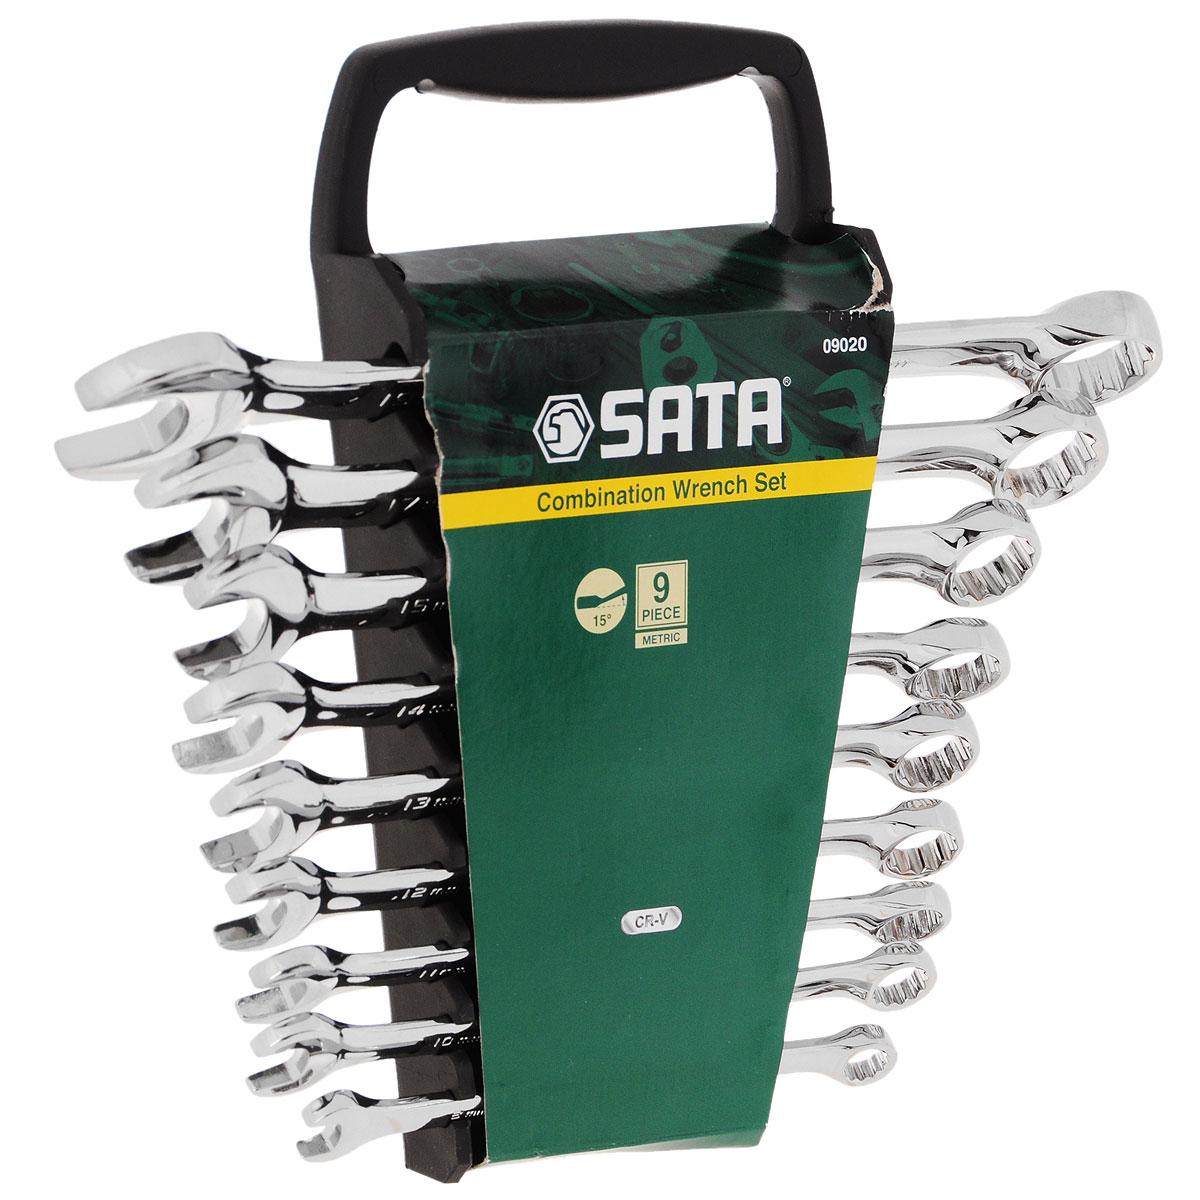 Набор ключей SATA 9пр. 0902009020Набор инструментов Sata - это необходимый предмет в каждом доме и автомобиле. Набор прекрасно подойдет для проведения ремонтных работ в домашних условиях. Все инструменты выполнены из высококачественной хромованадиевой стали стали. В состав набора входят метрические комбинированные ключи размером: 8 мм, 10 мм, 12 мм, 13 мм, 14 мм, 15 мм, 17 мм, 19 мм.